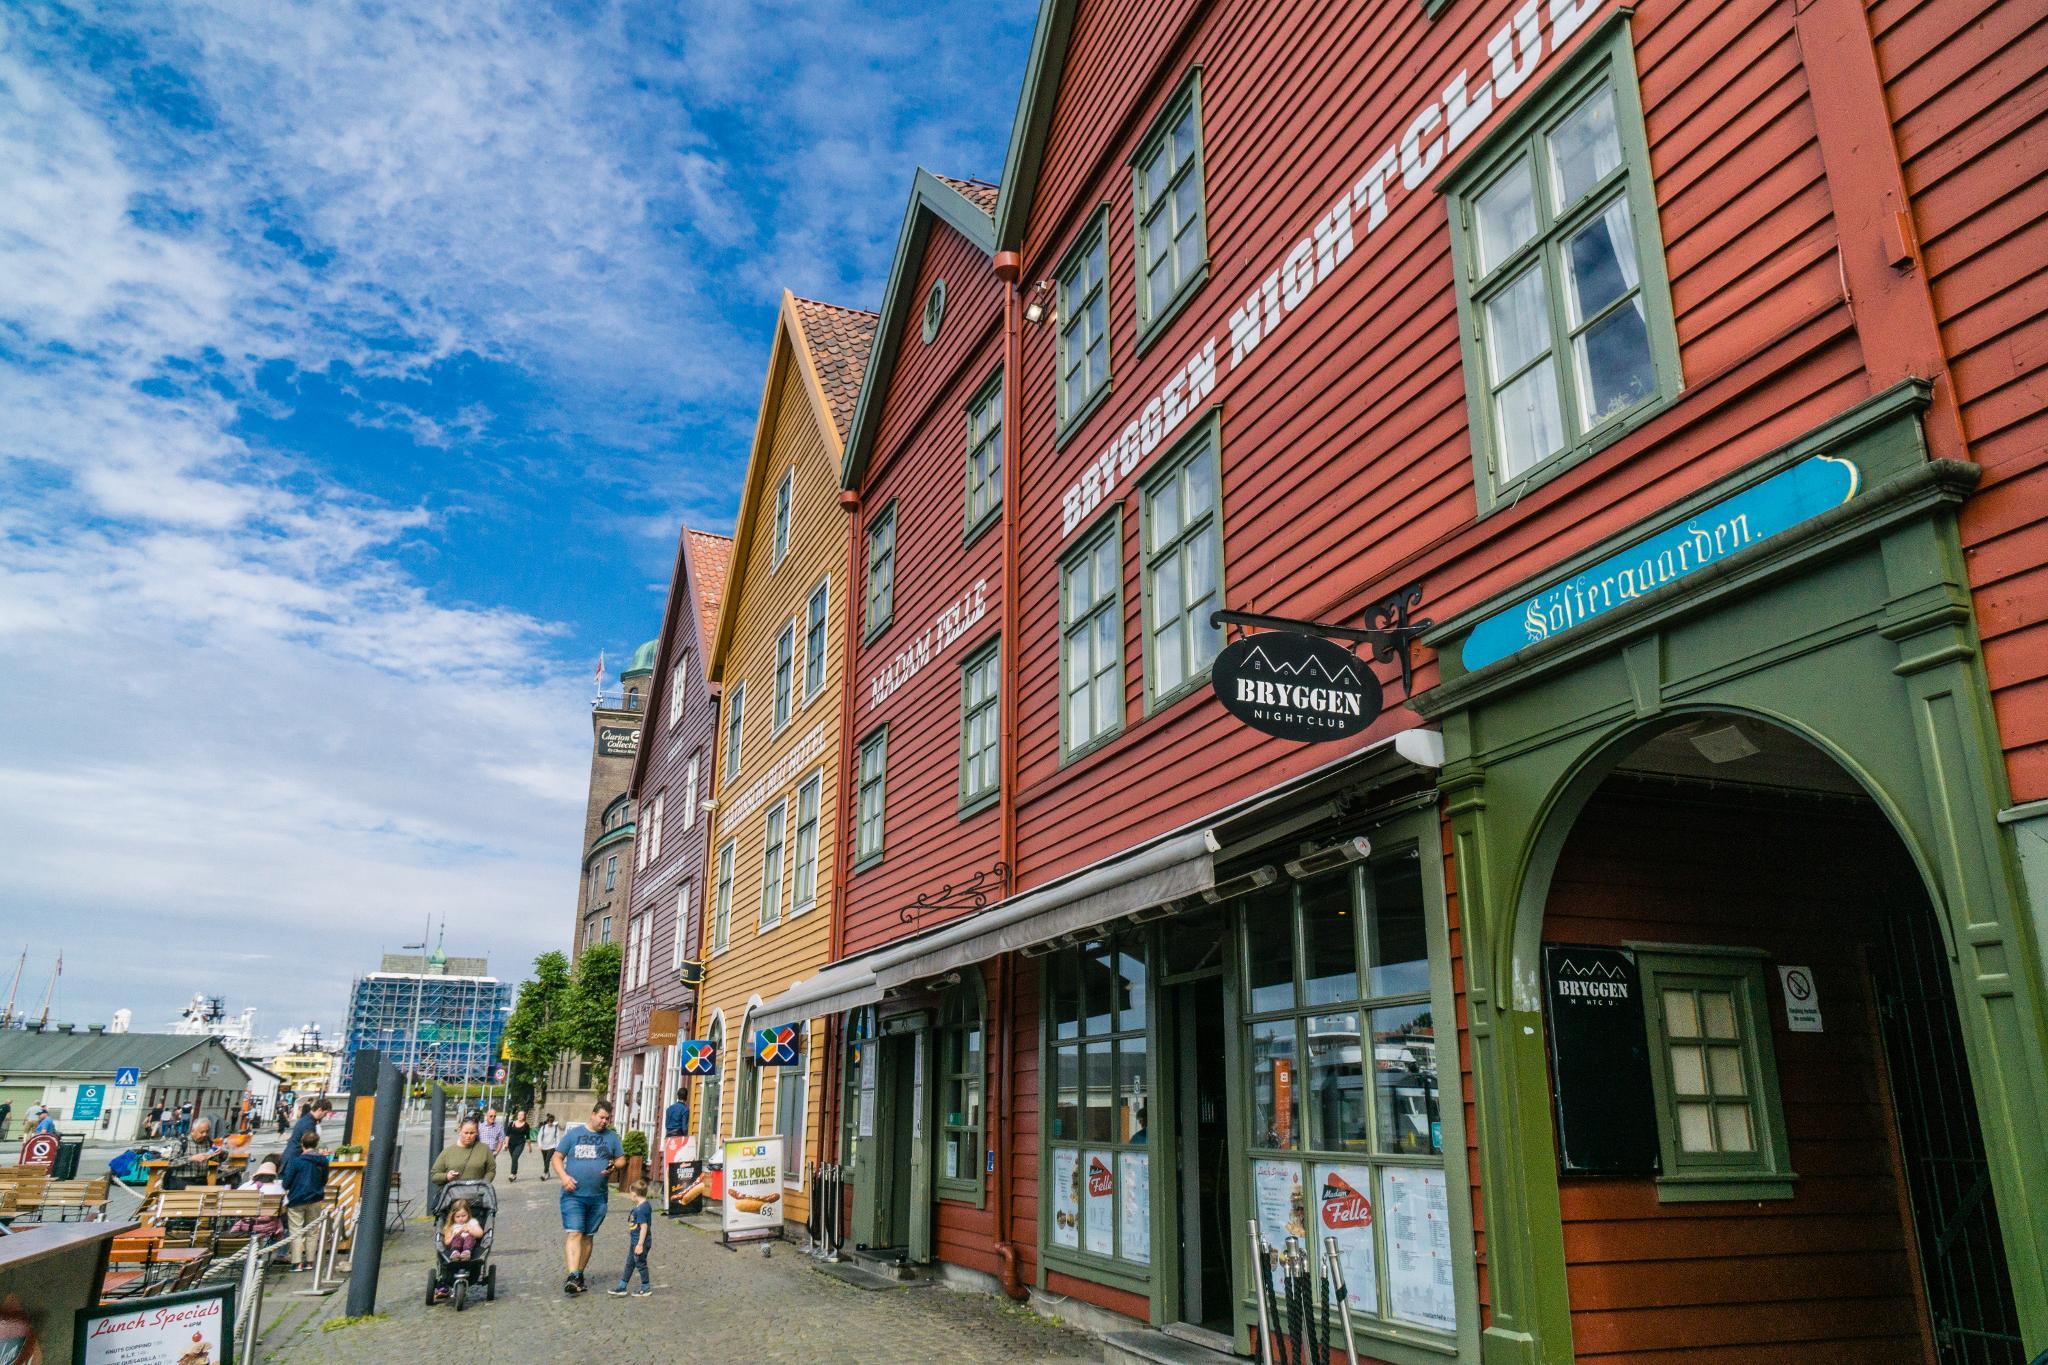 【卑爾根】Bryggen 世界遺產布呂根 — 迷失在百年歷史的挪威彩色木屋 10